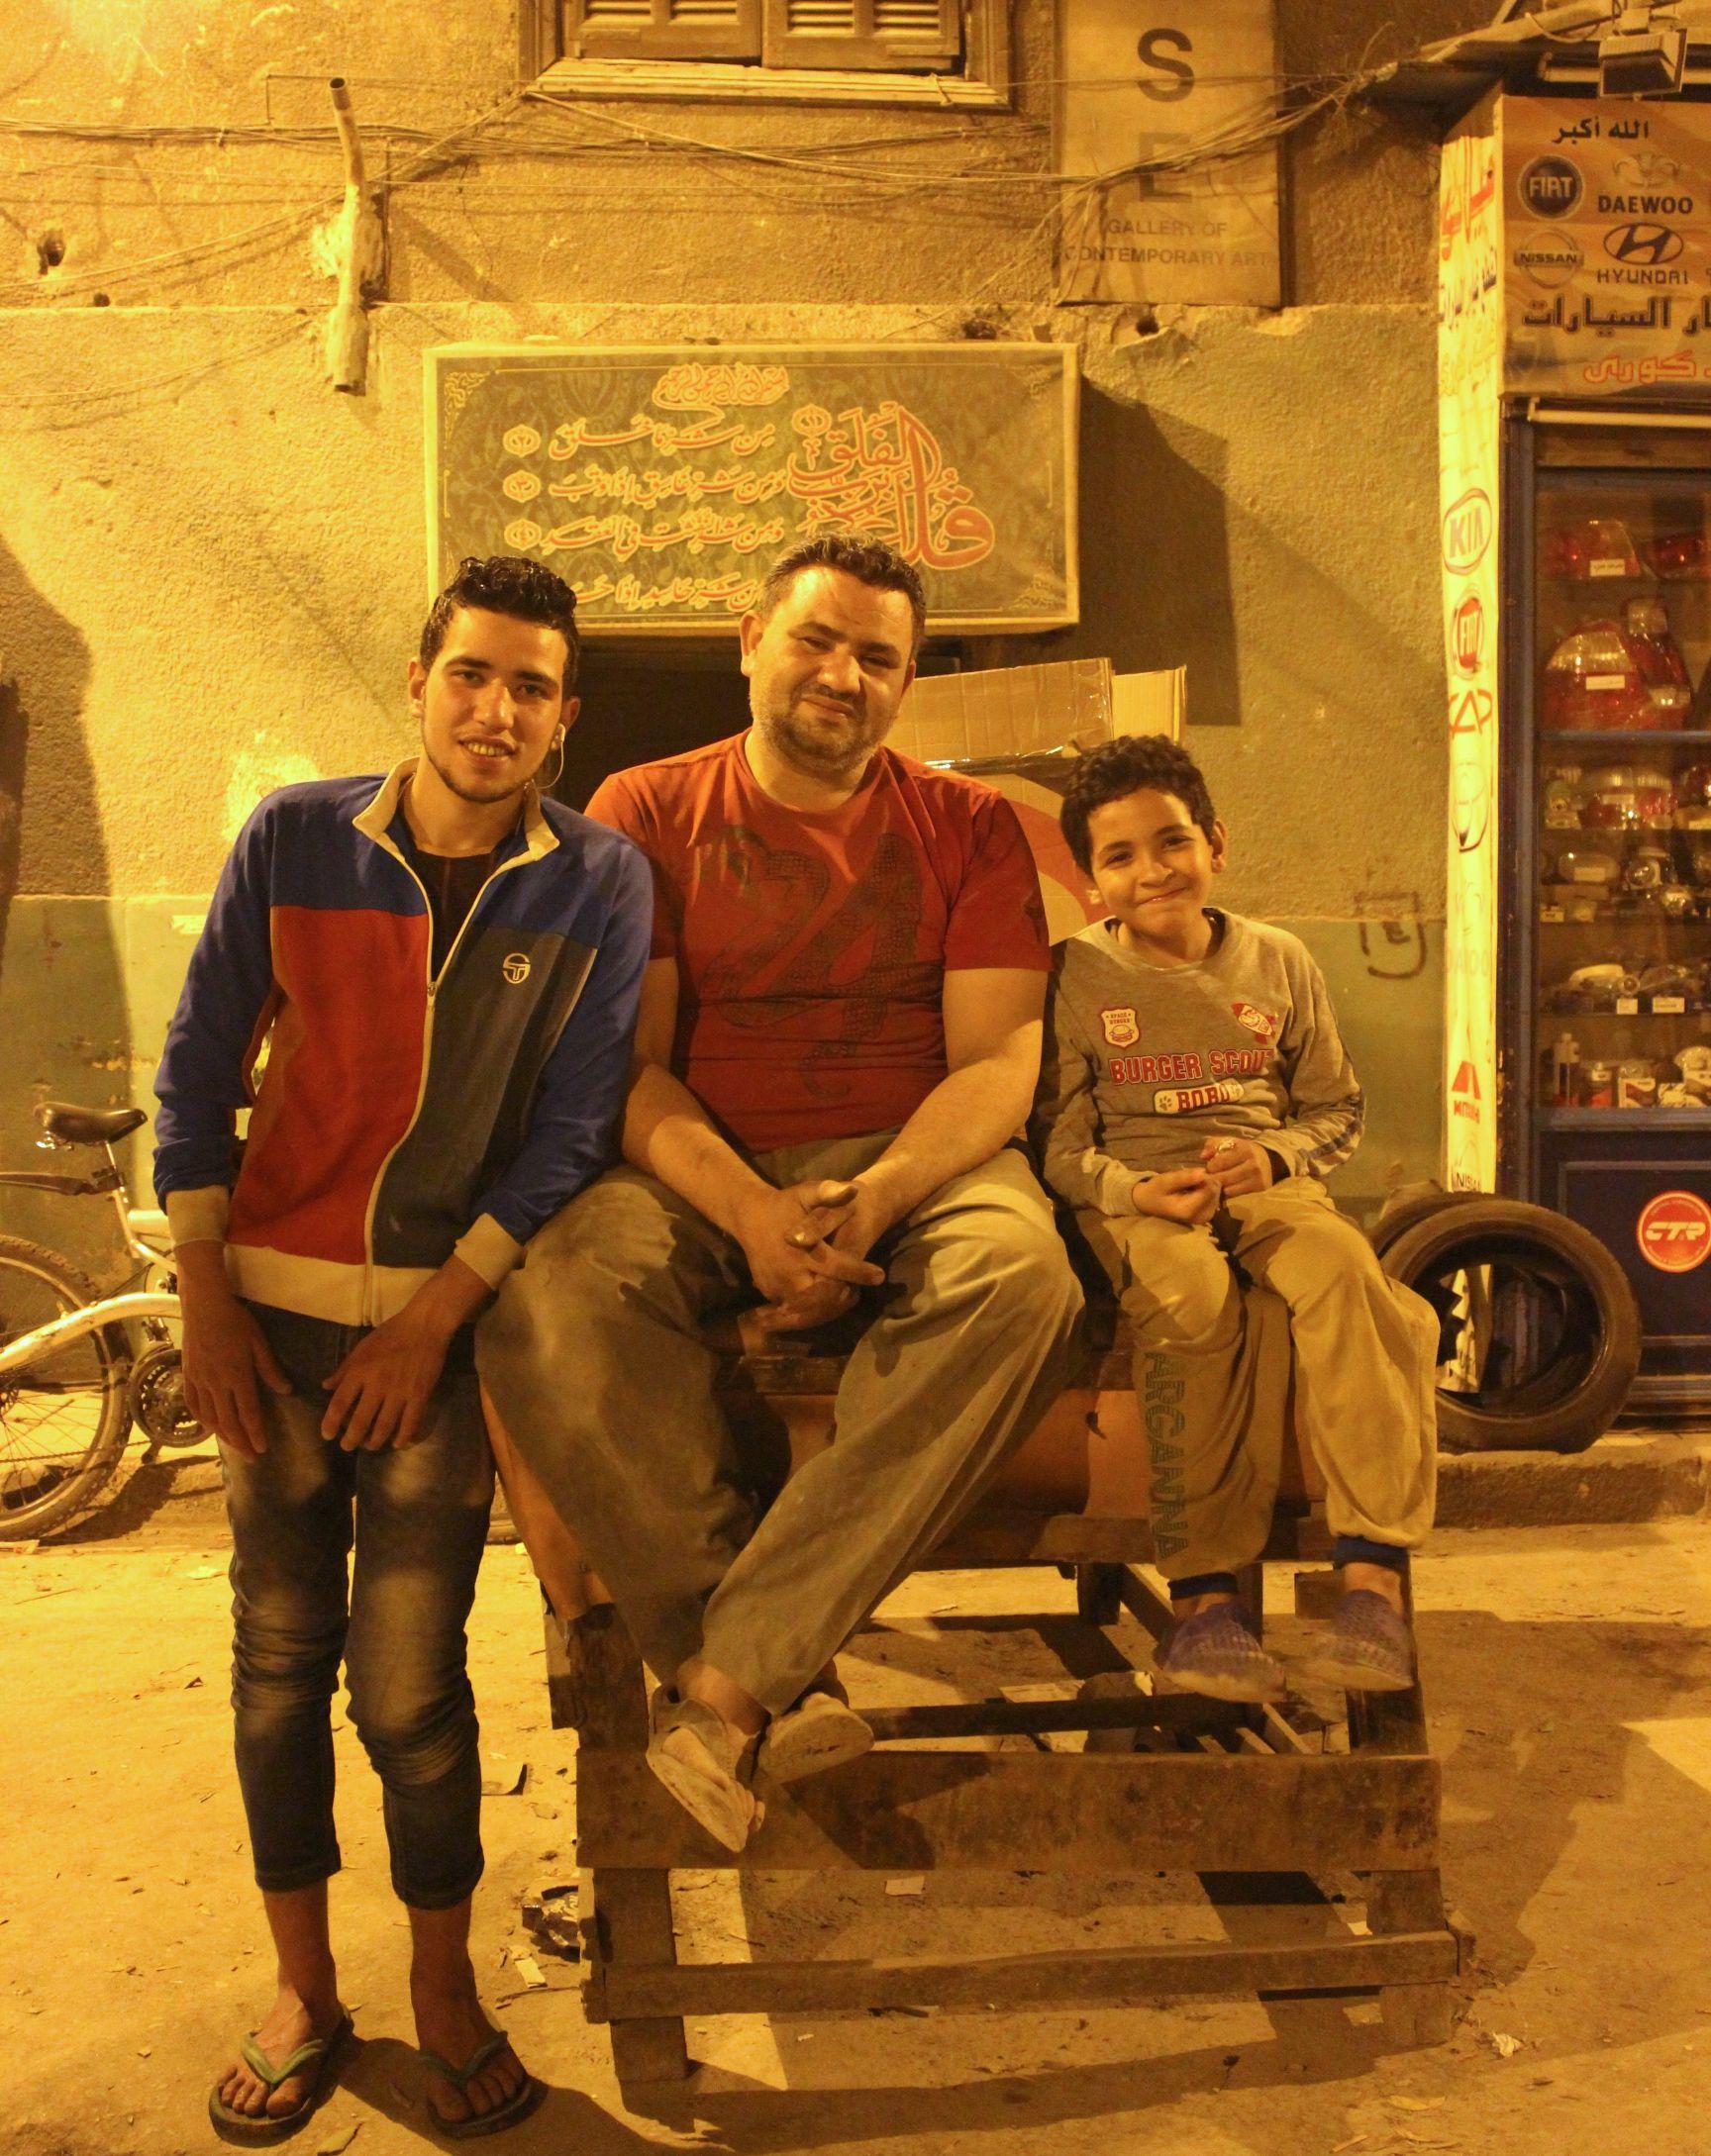 محمد أحمد عبد التواب وحسن محمود حسن وعبد التواب أحمد عبد التواب